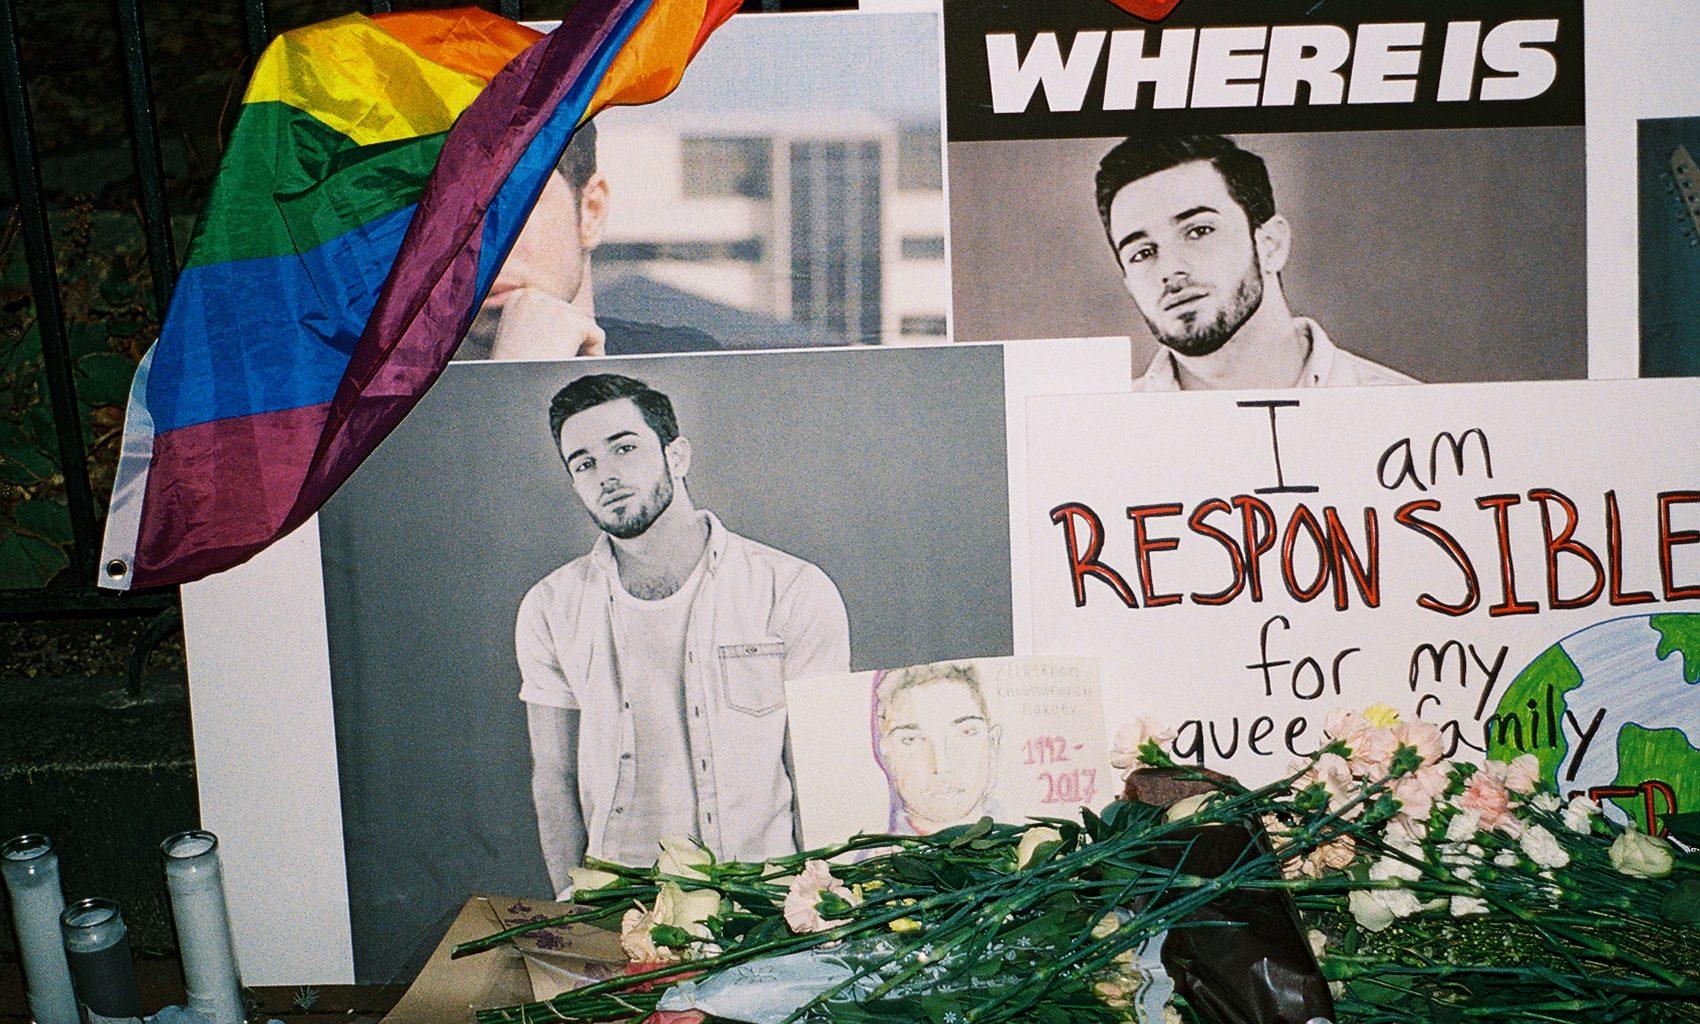 Çeçenistan'da Kaybolan Gay Şarkıcı Zelim Bakaev'den Hala Ses Yok!